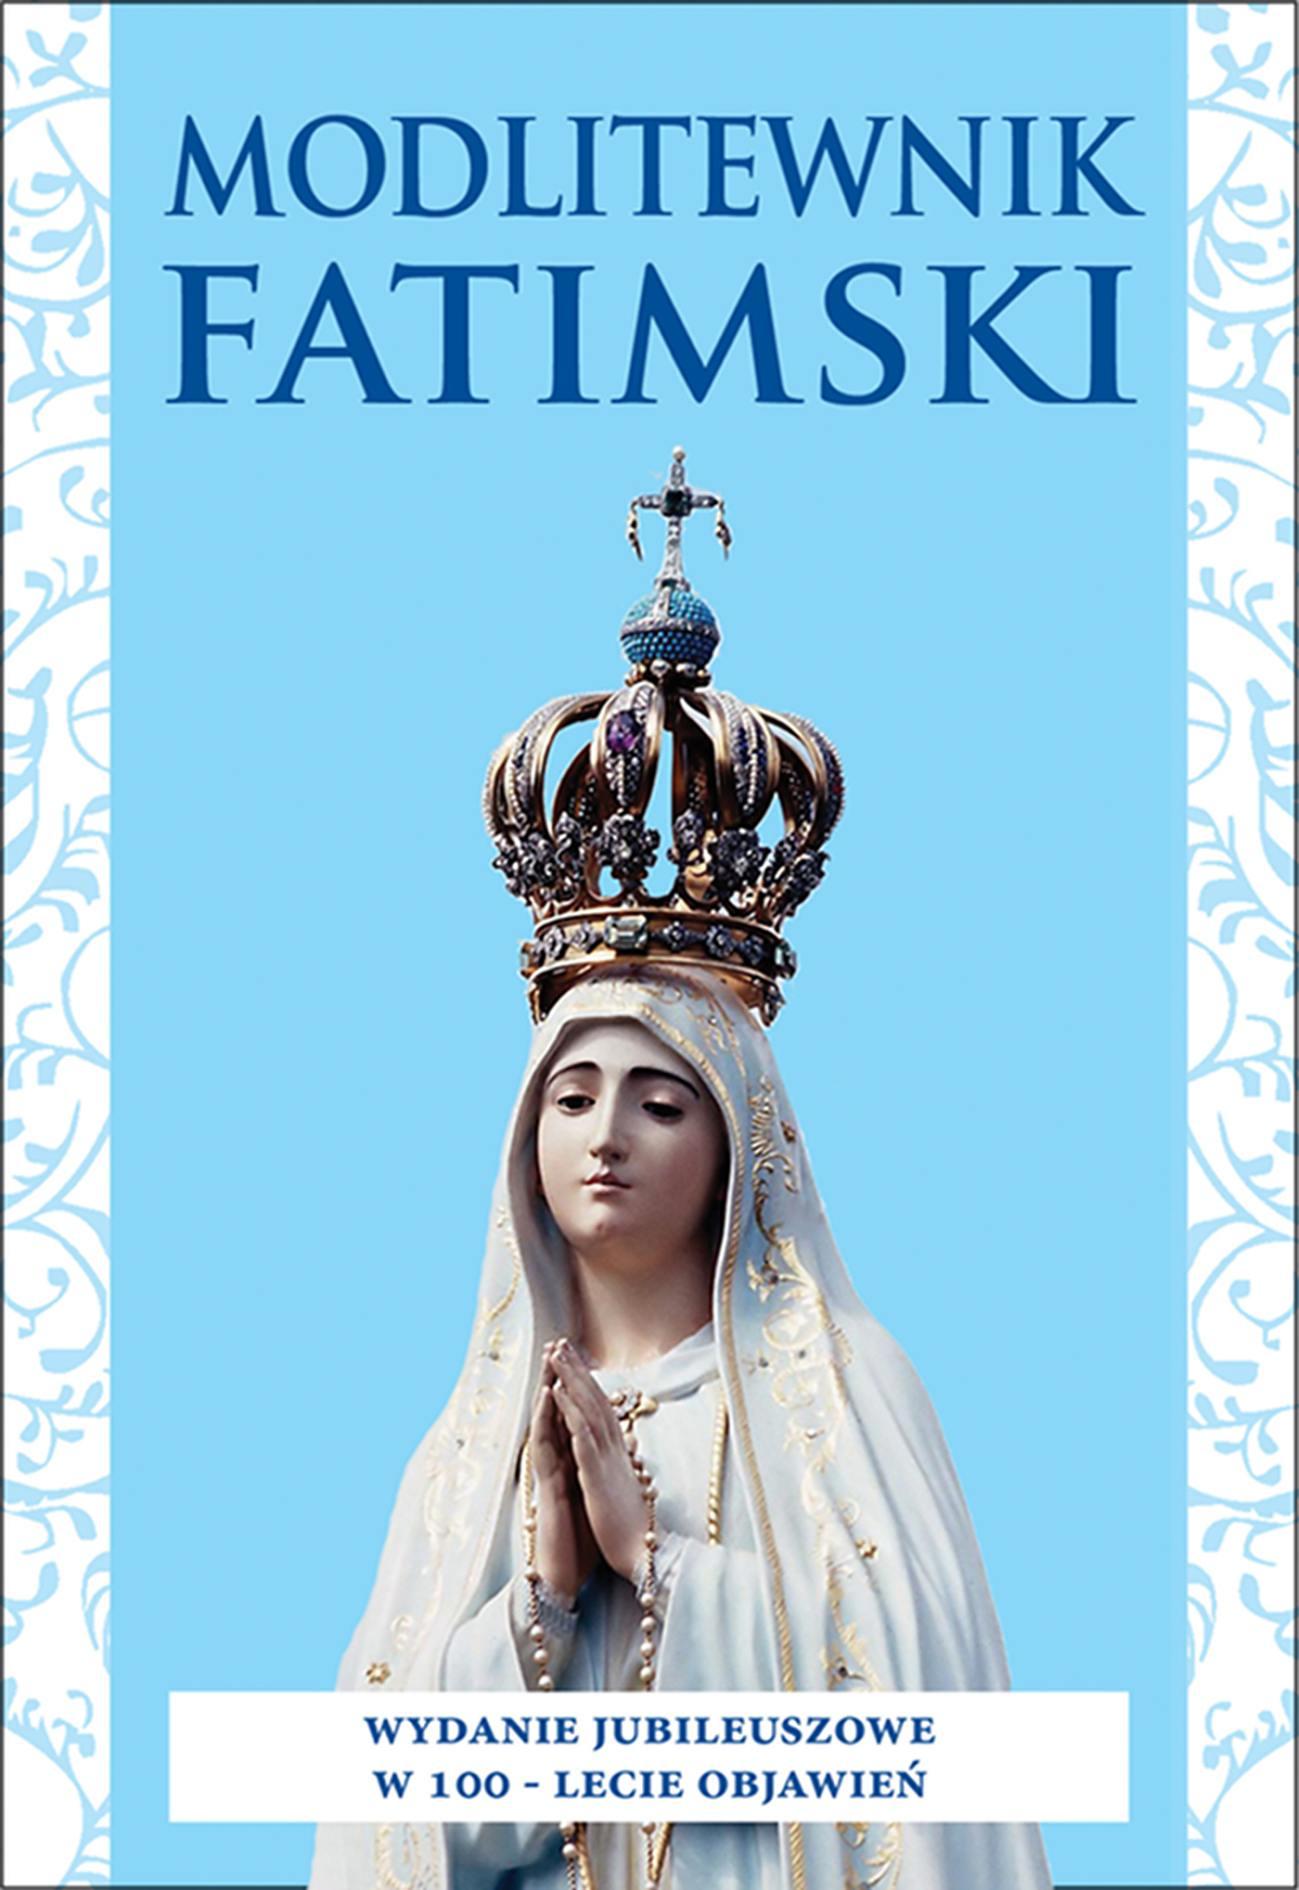 Modlitewnik fatimski - Ebook (Książka PDF) do pobrania w formacie PDF